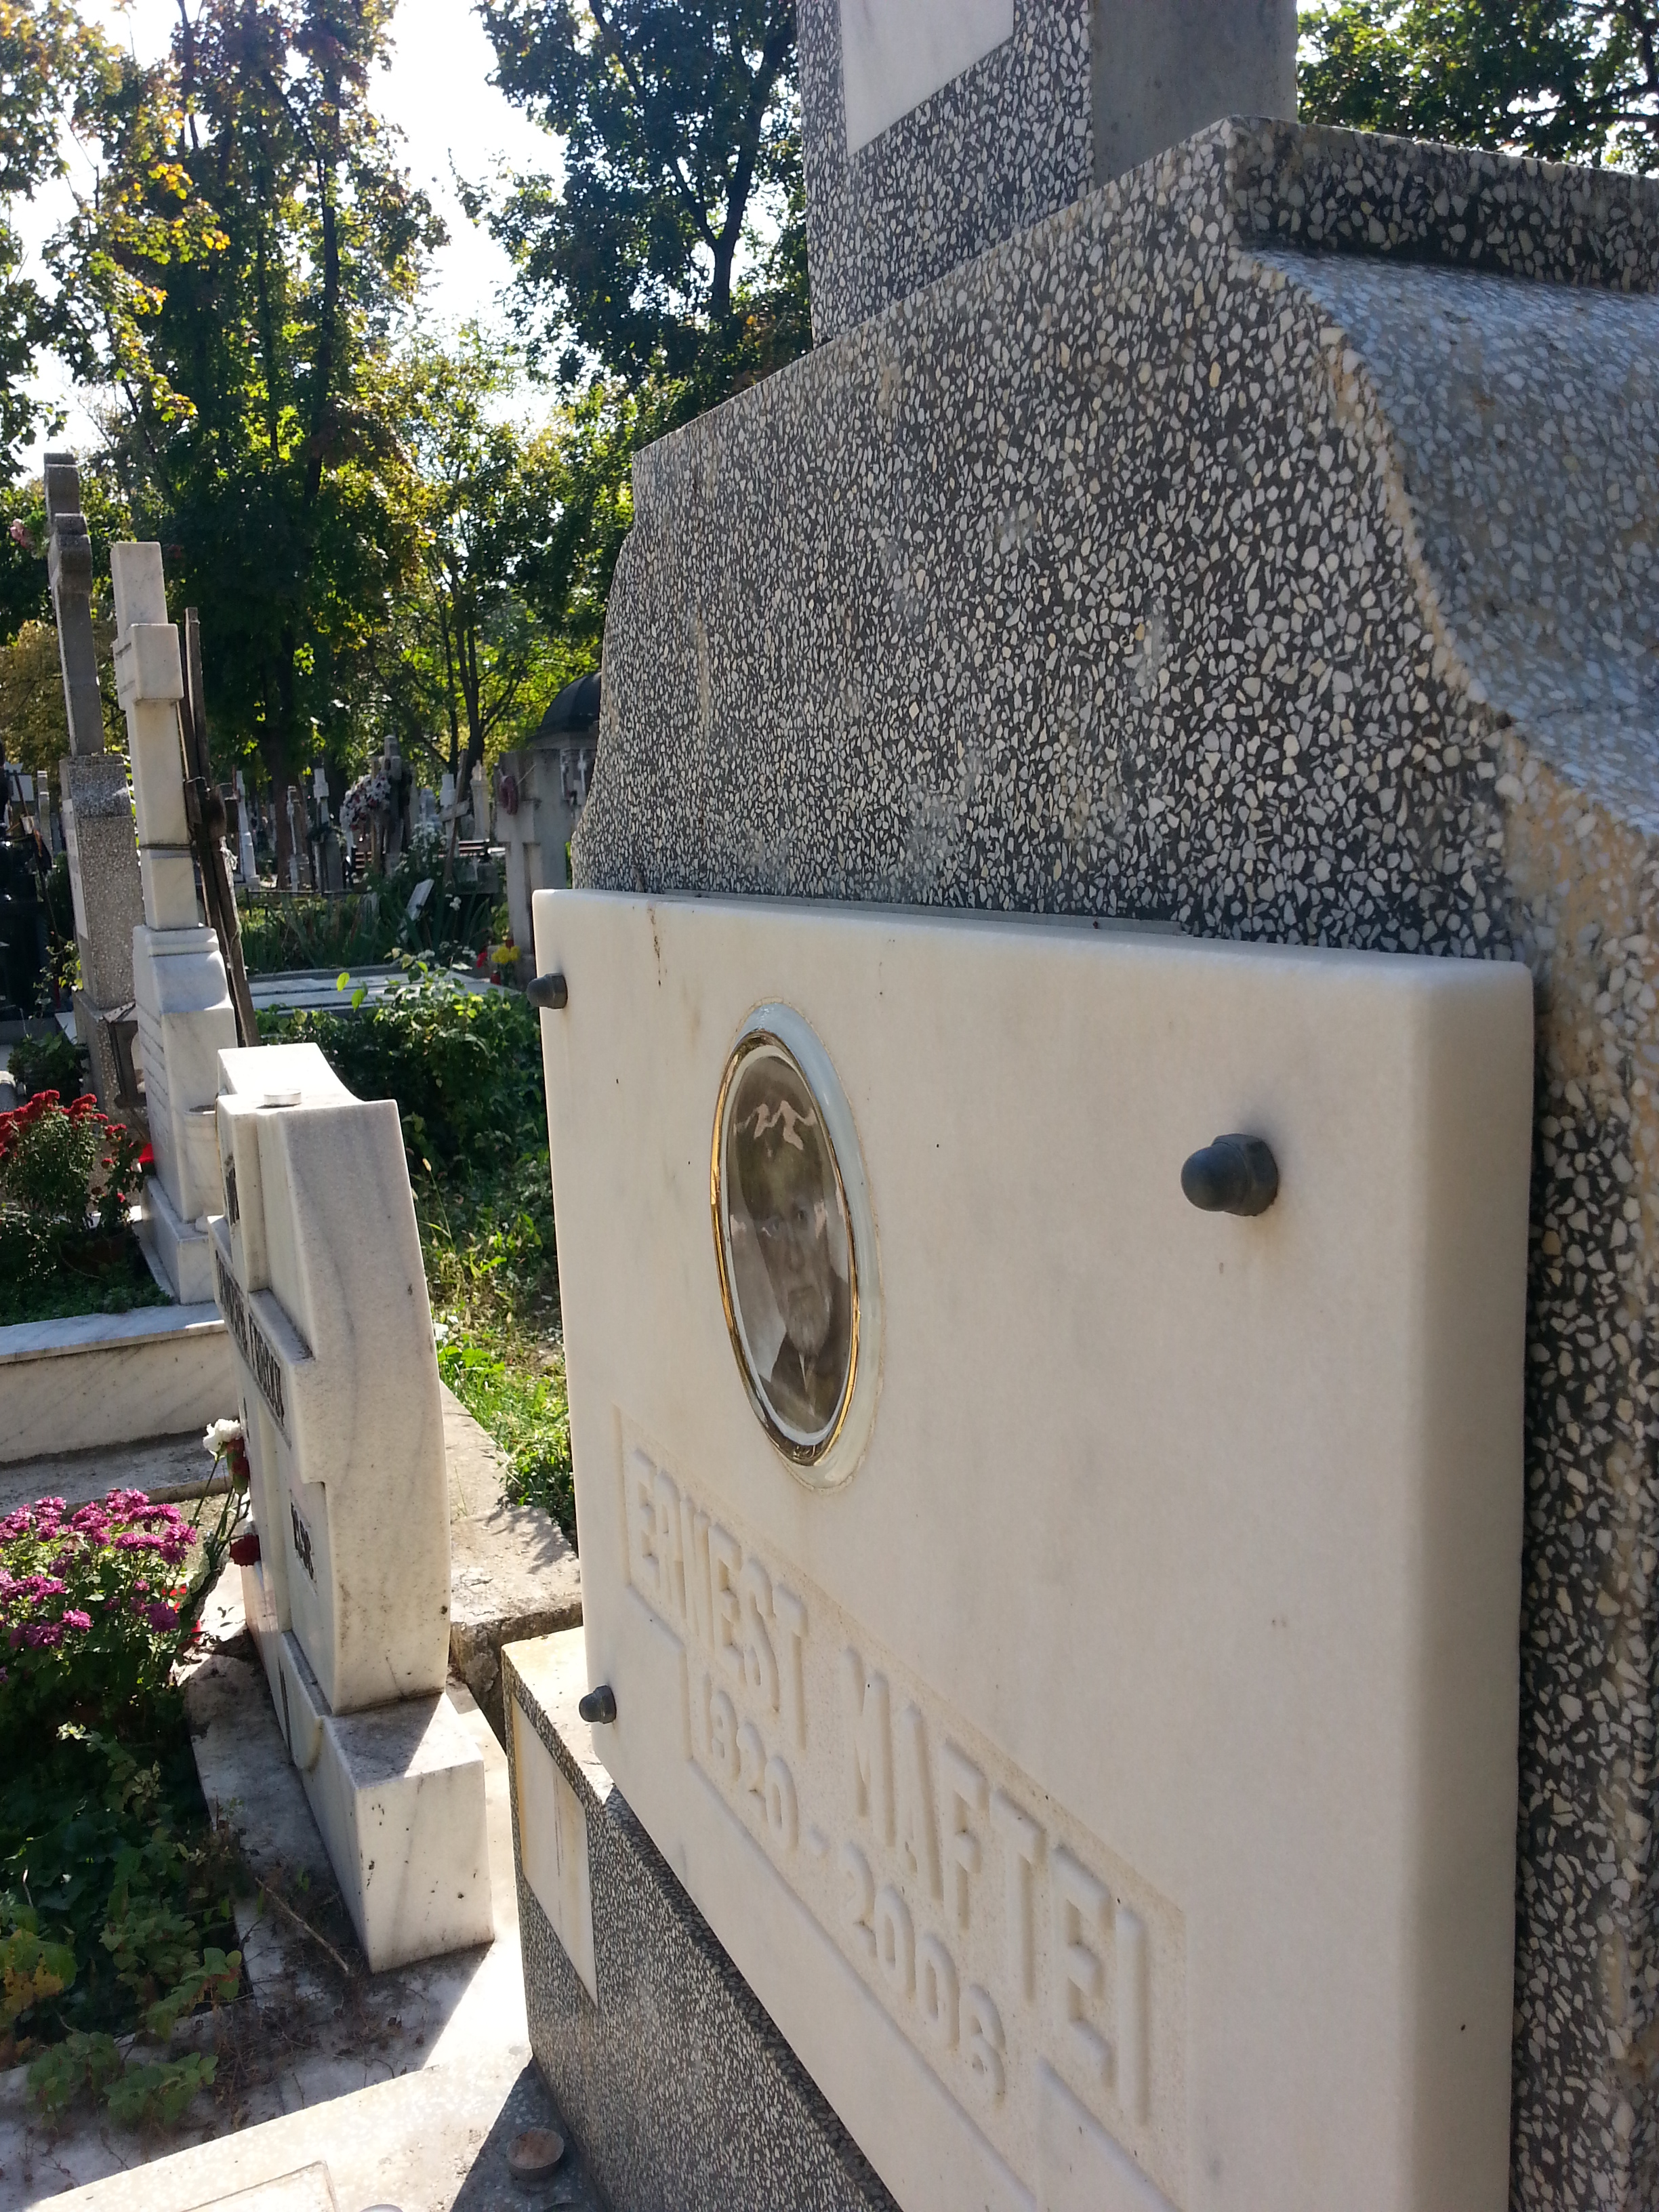 Rara mai apare cineva la monumentul funerar sa mai aprinda o lumanare